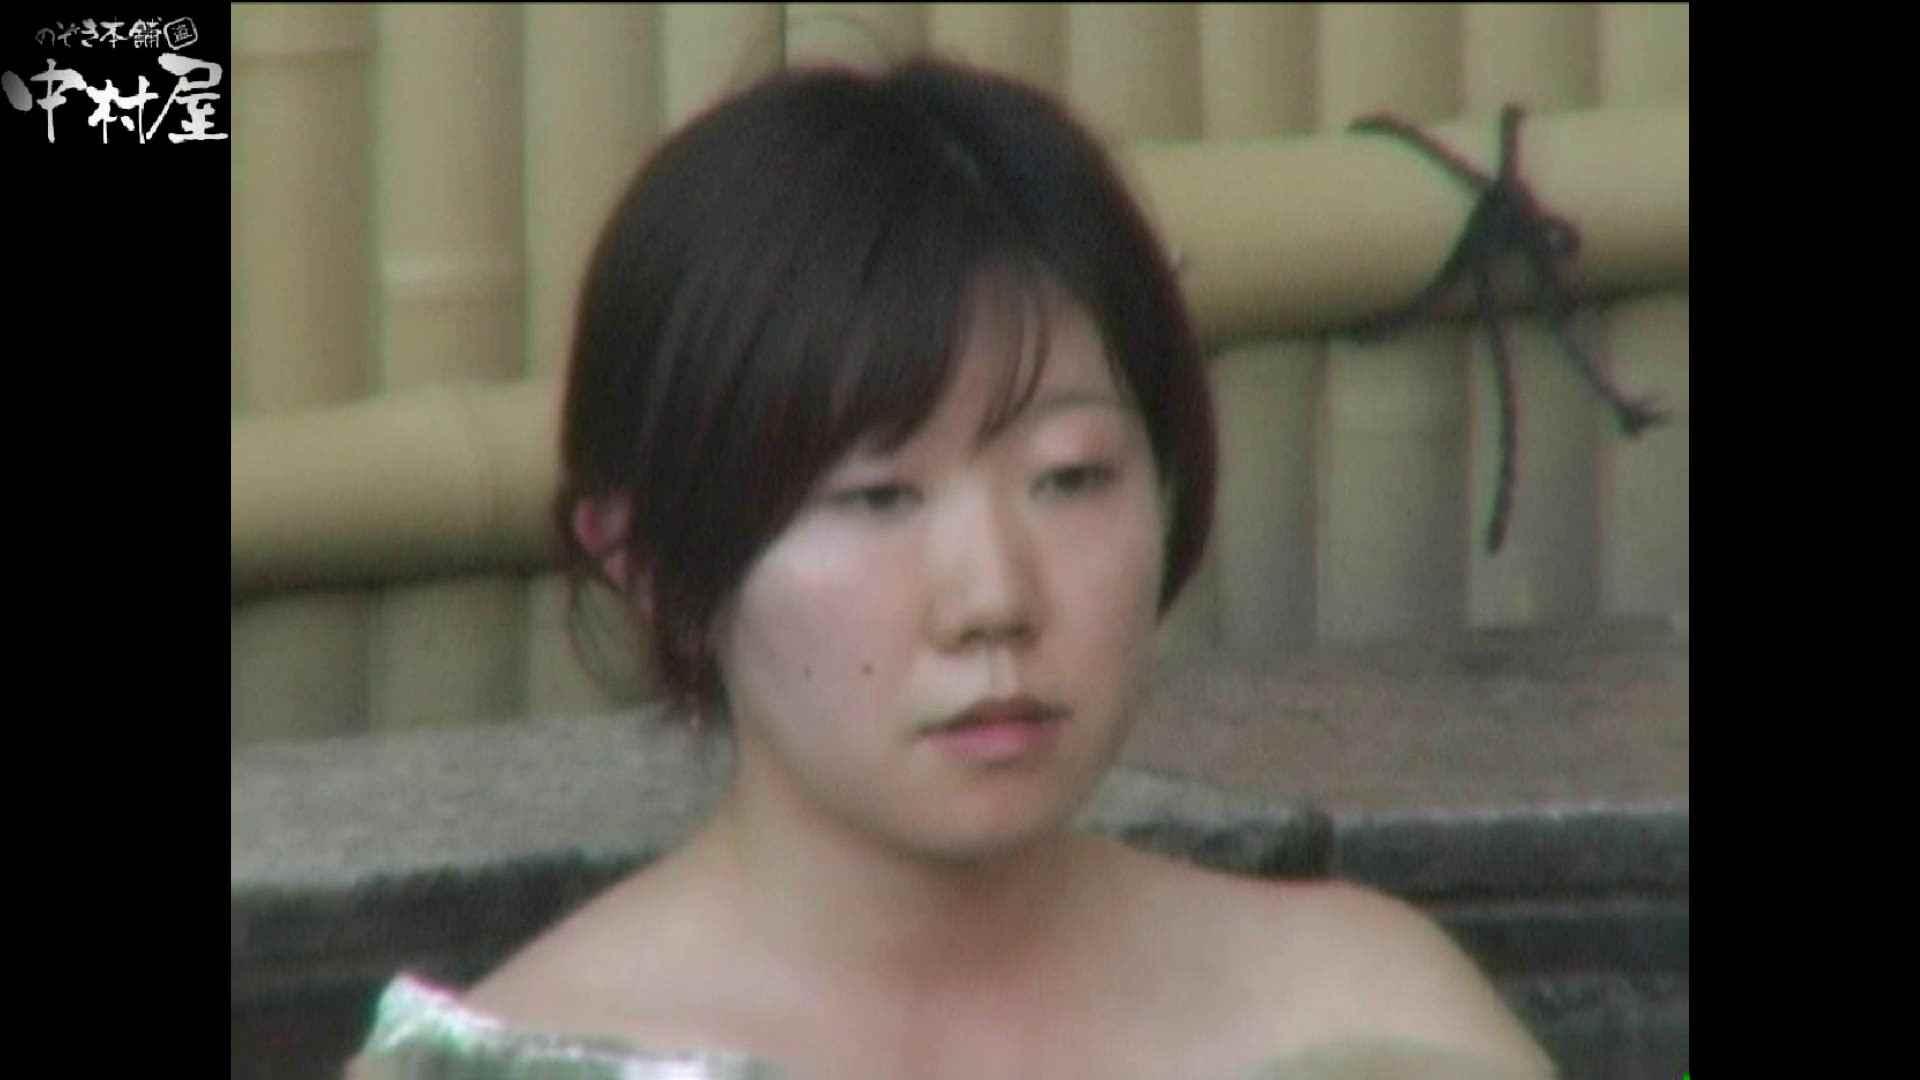 Aquaな露天風呂Vol.977 美しいOLの裸体 ヌード画像 83pic 8